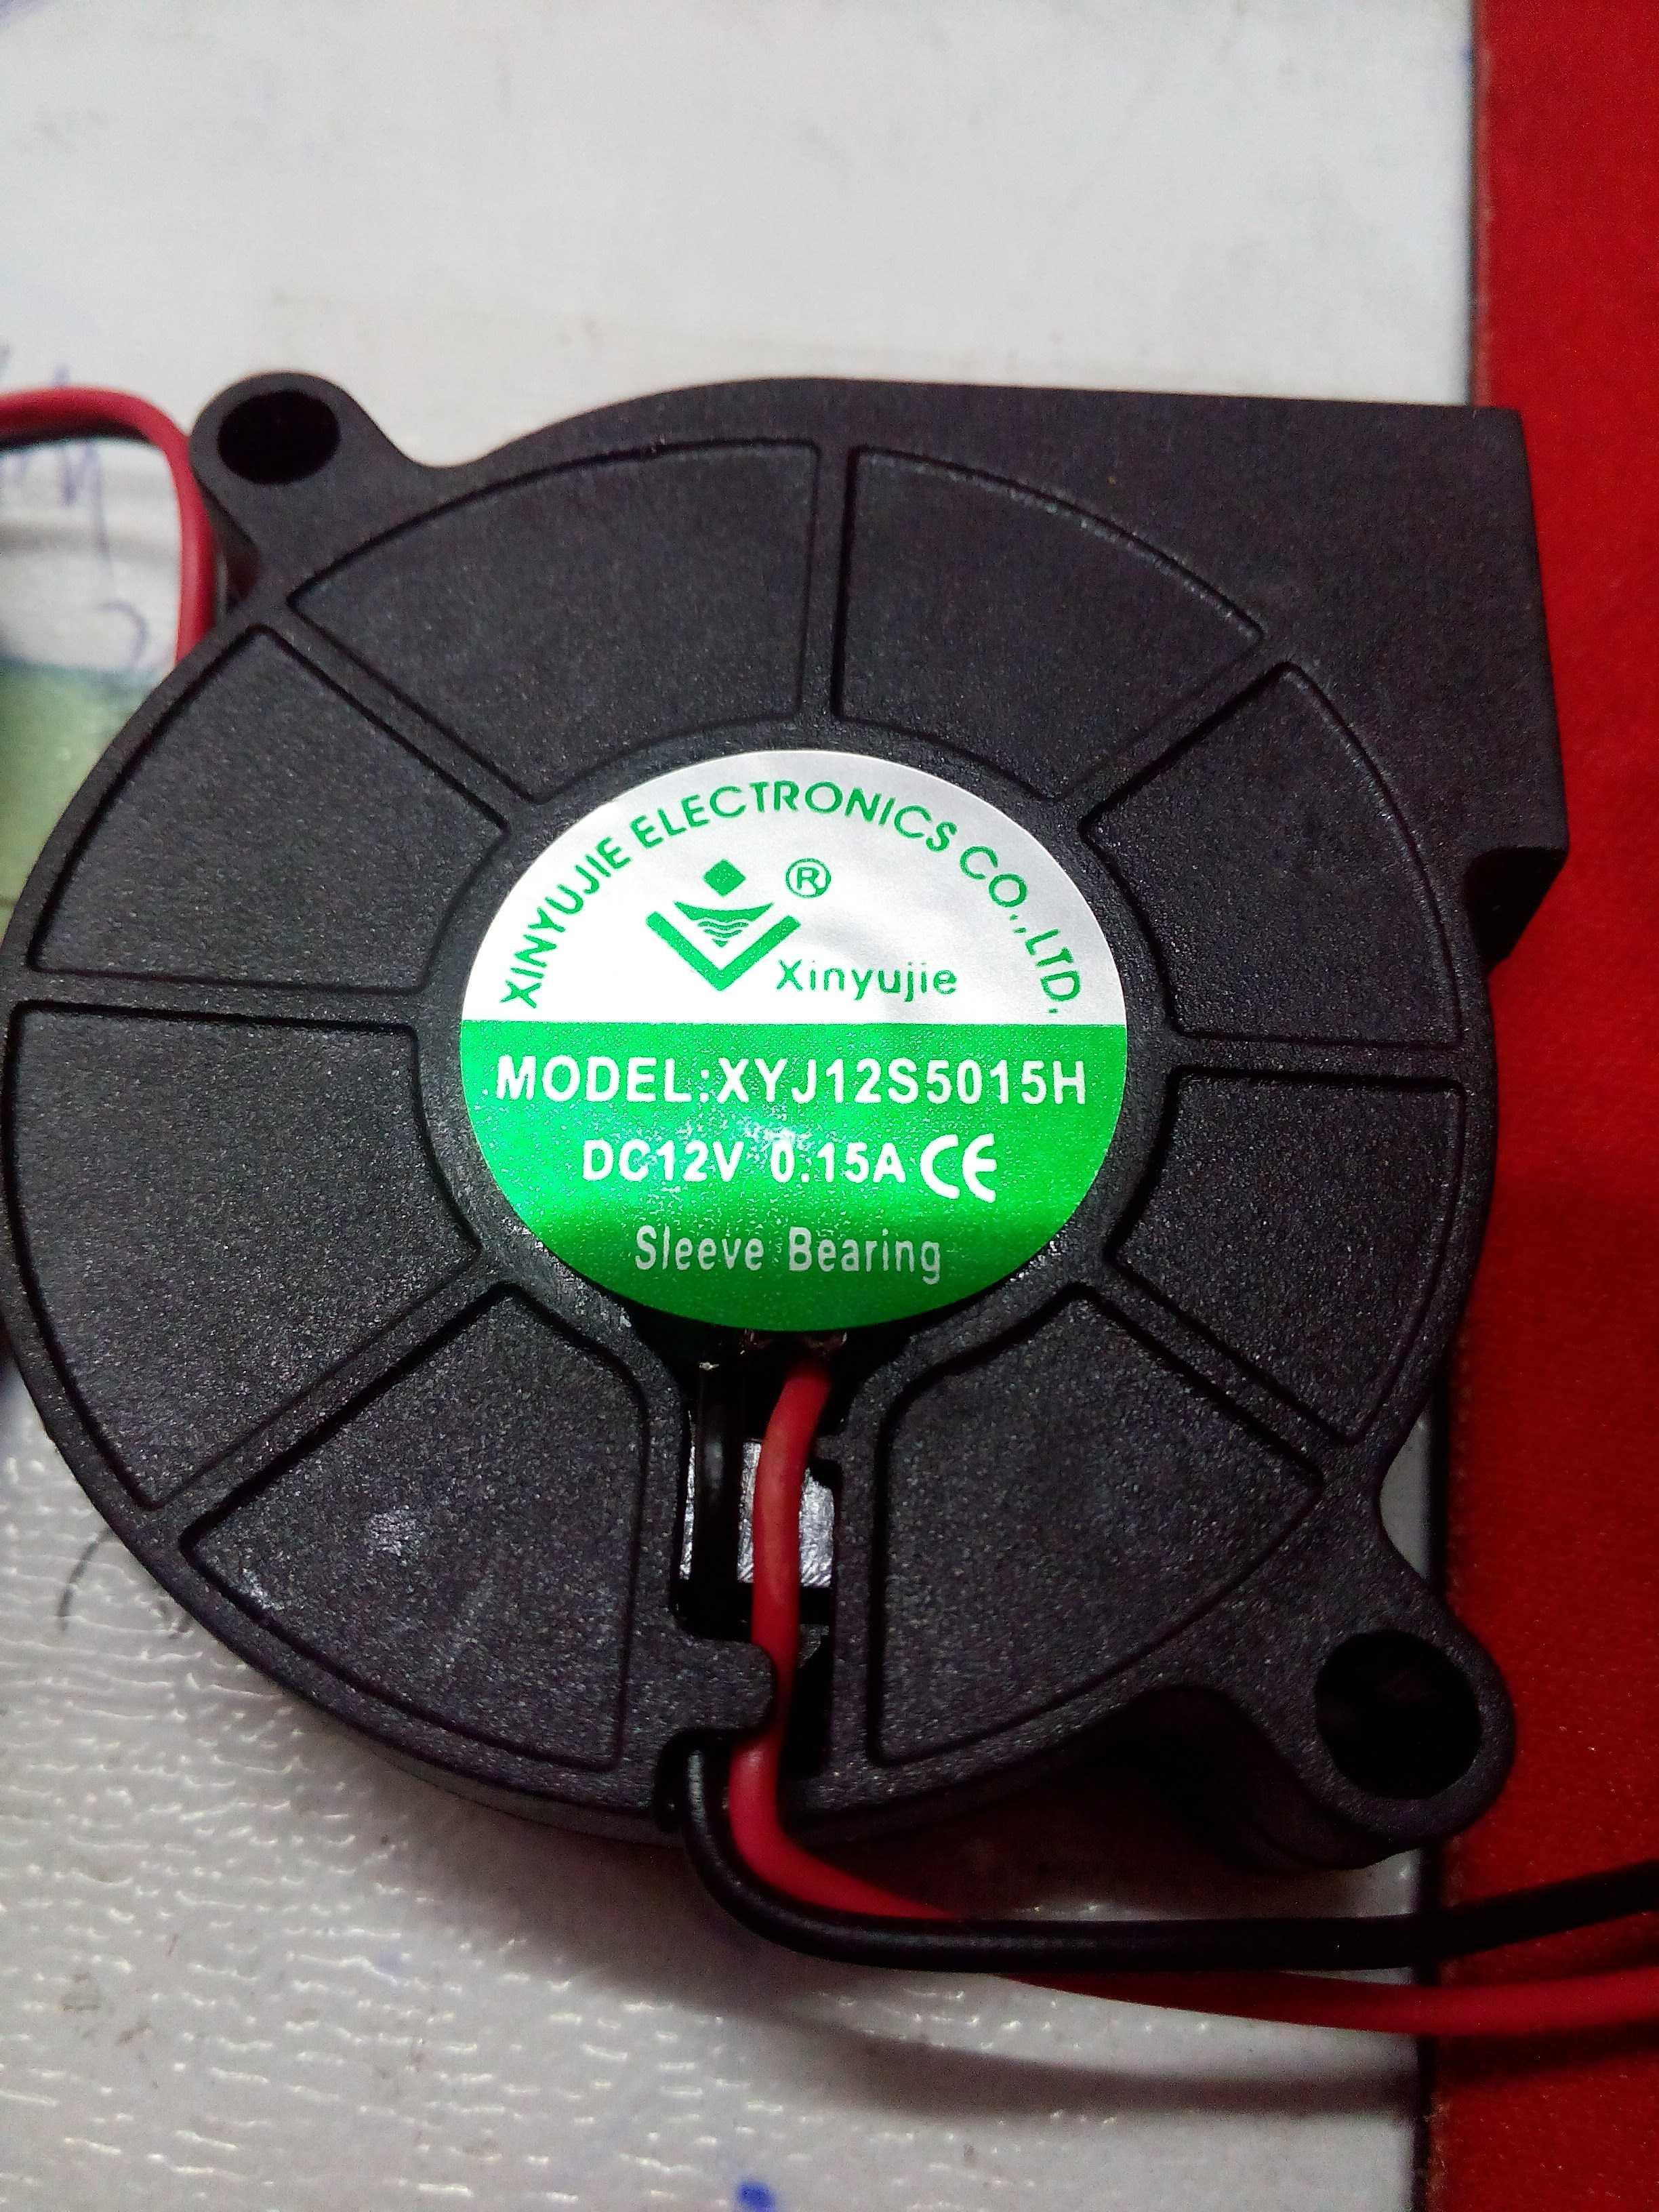 Должность нового звука 5015 5 см увлажнитель центробежный вентилятор 12 вольт 24 вольт вентилятор турбо Вентилятор